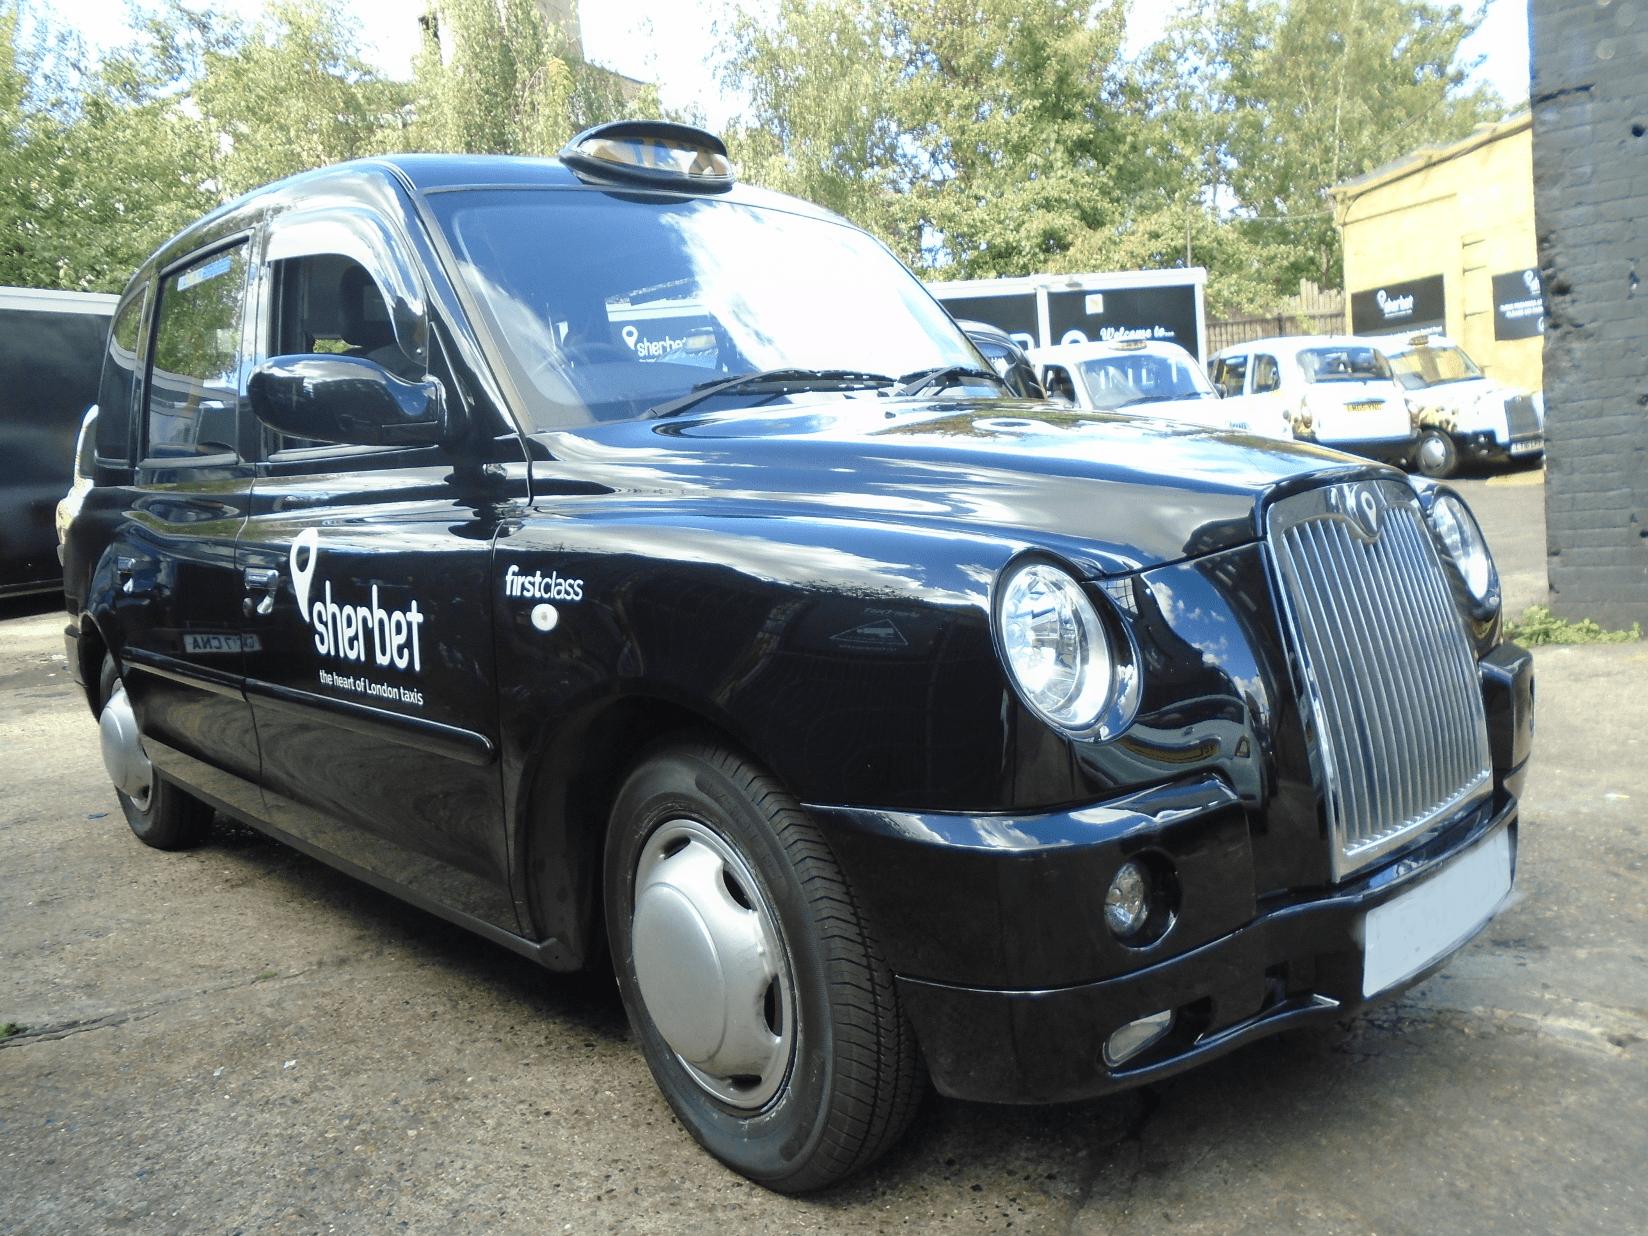 TX4 - Euro 5 - LM60 HUV Taxi